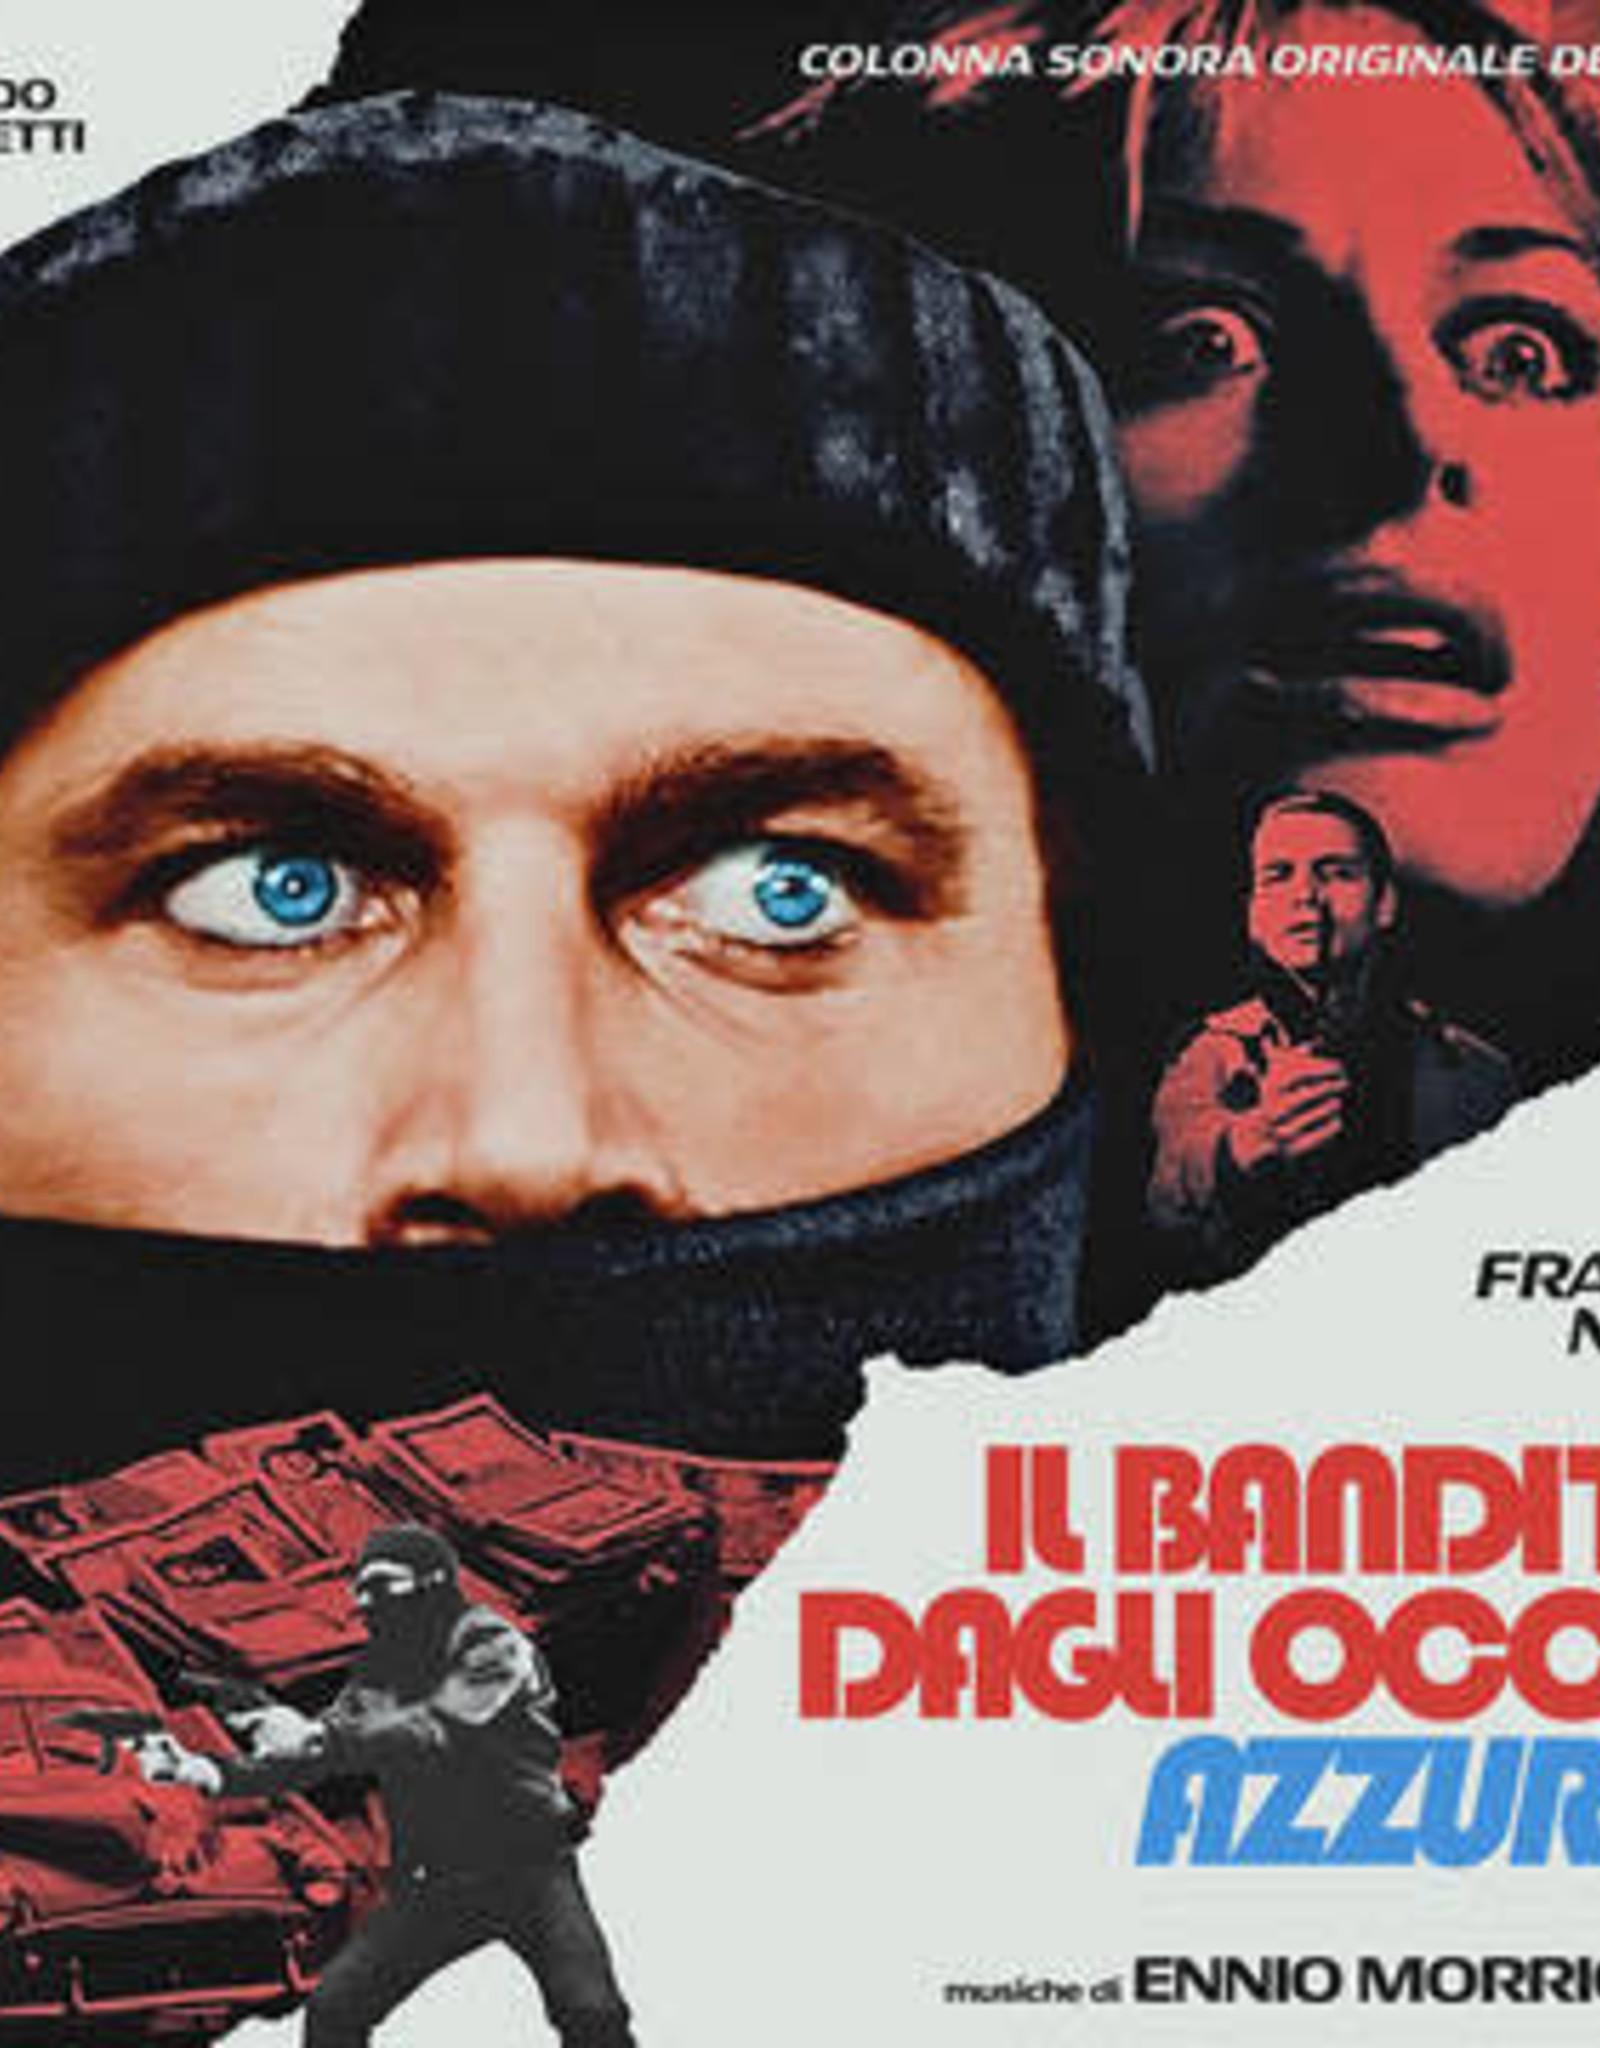 Ennio Morricone - The Blue-Eyed Bandit (Il Bandito Dagli Occhi Azzurri) (Original Motion Picture Soundtrack)(RSD 7/21)